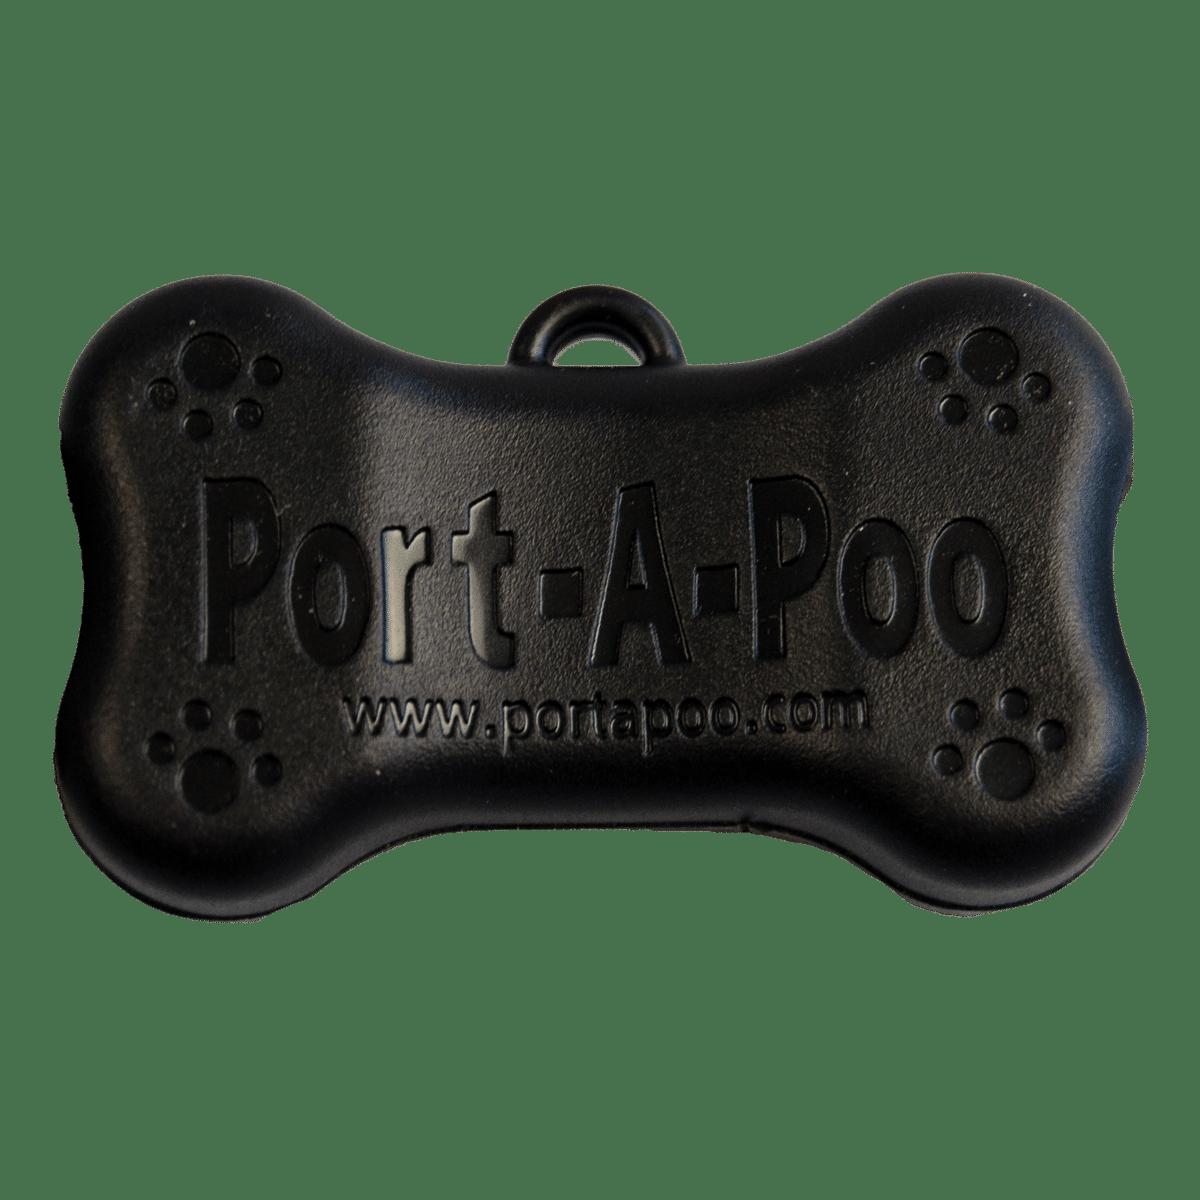 Port-a-poo smart hållare till hundens bajspåsar